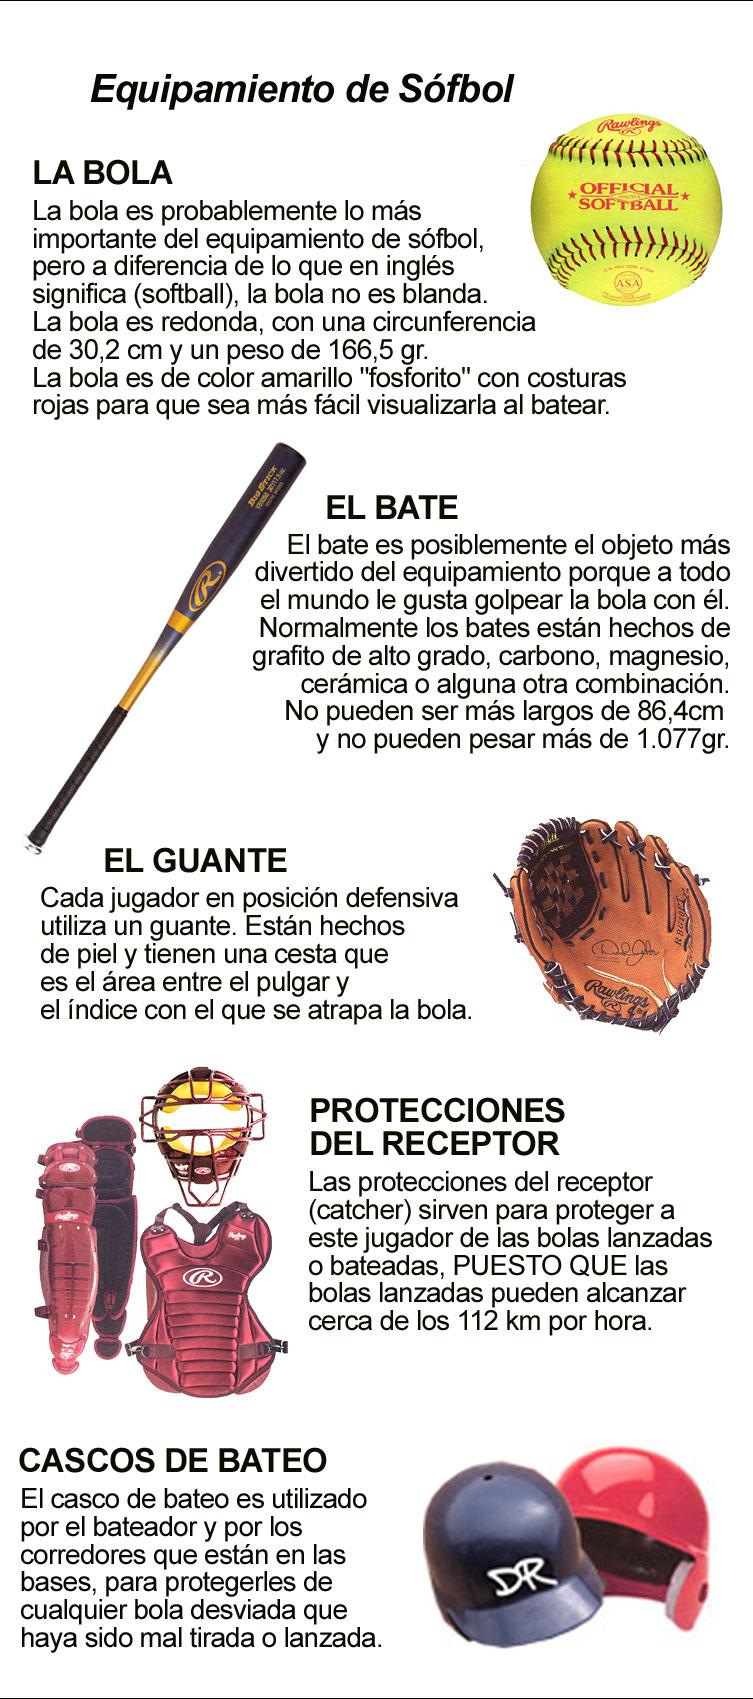 EQUIPAMIENTO DE SÓFBOL: BOLA, GUANTE, BATE, PROTECCIONES, CASCOS